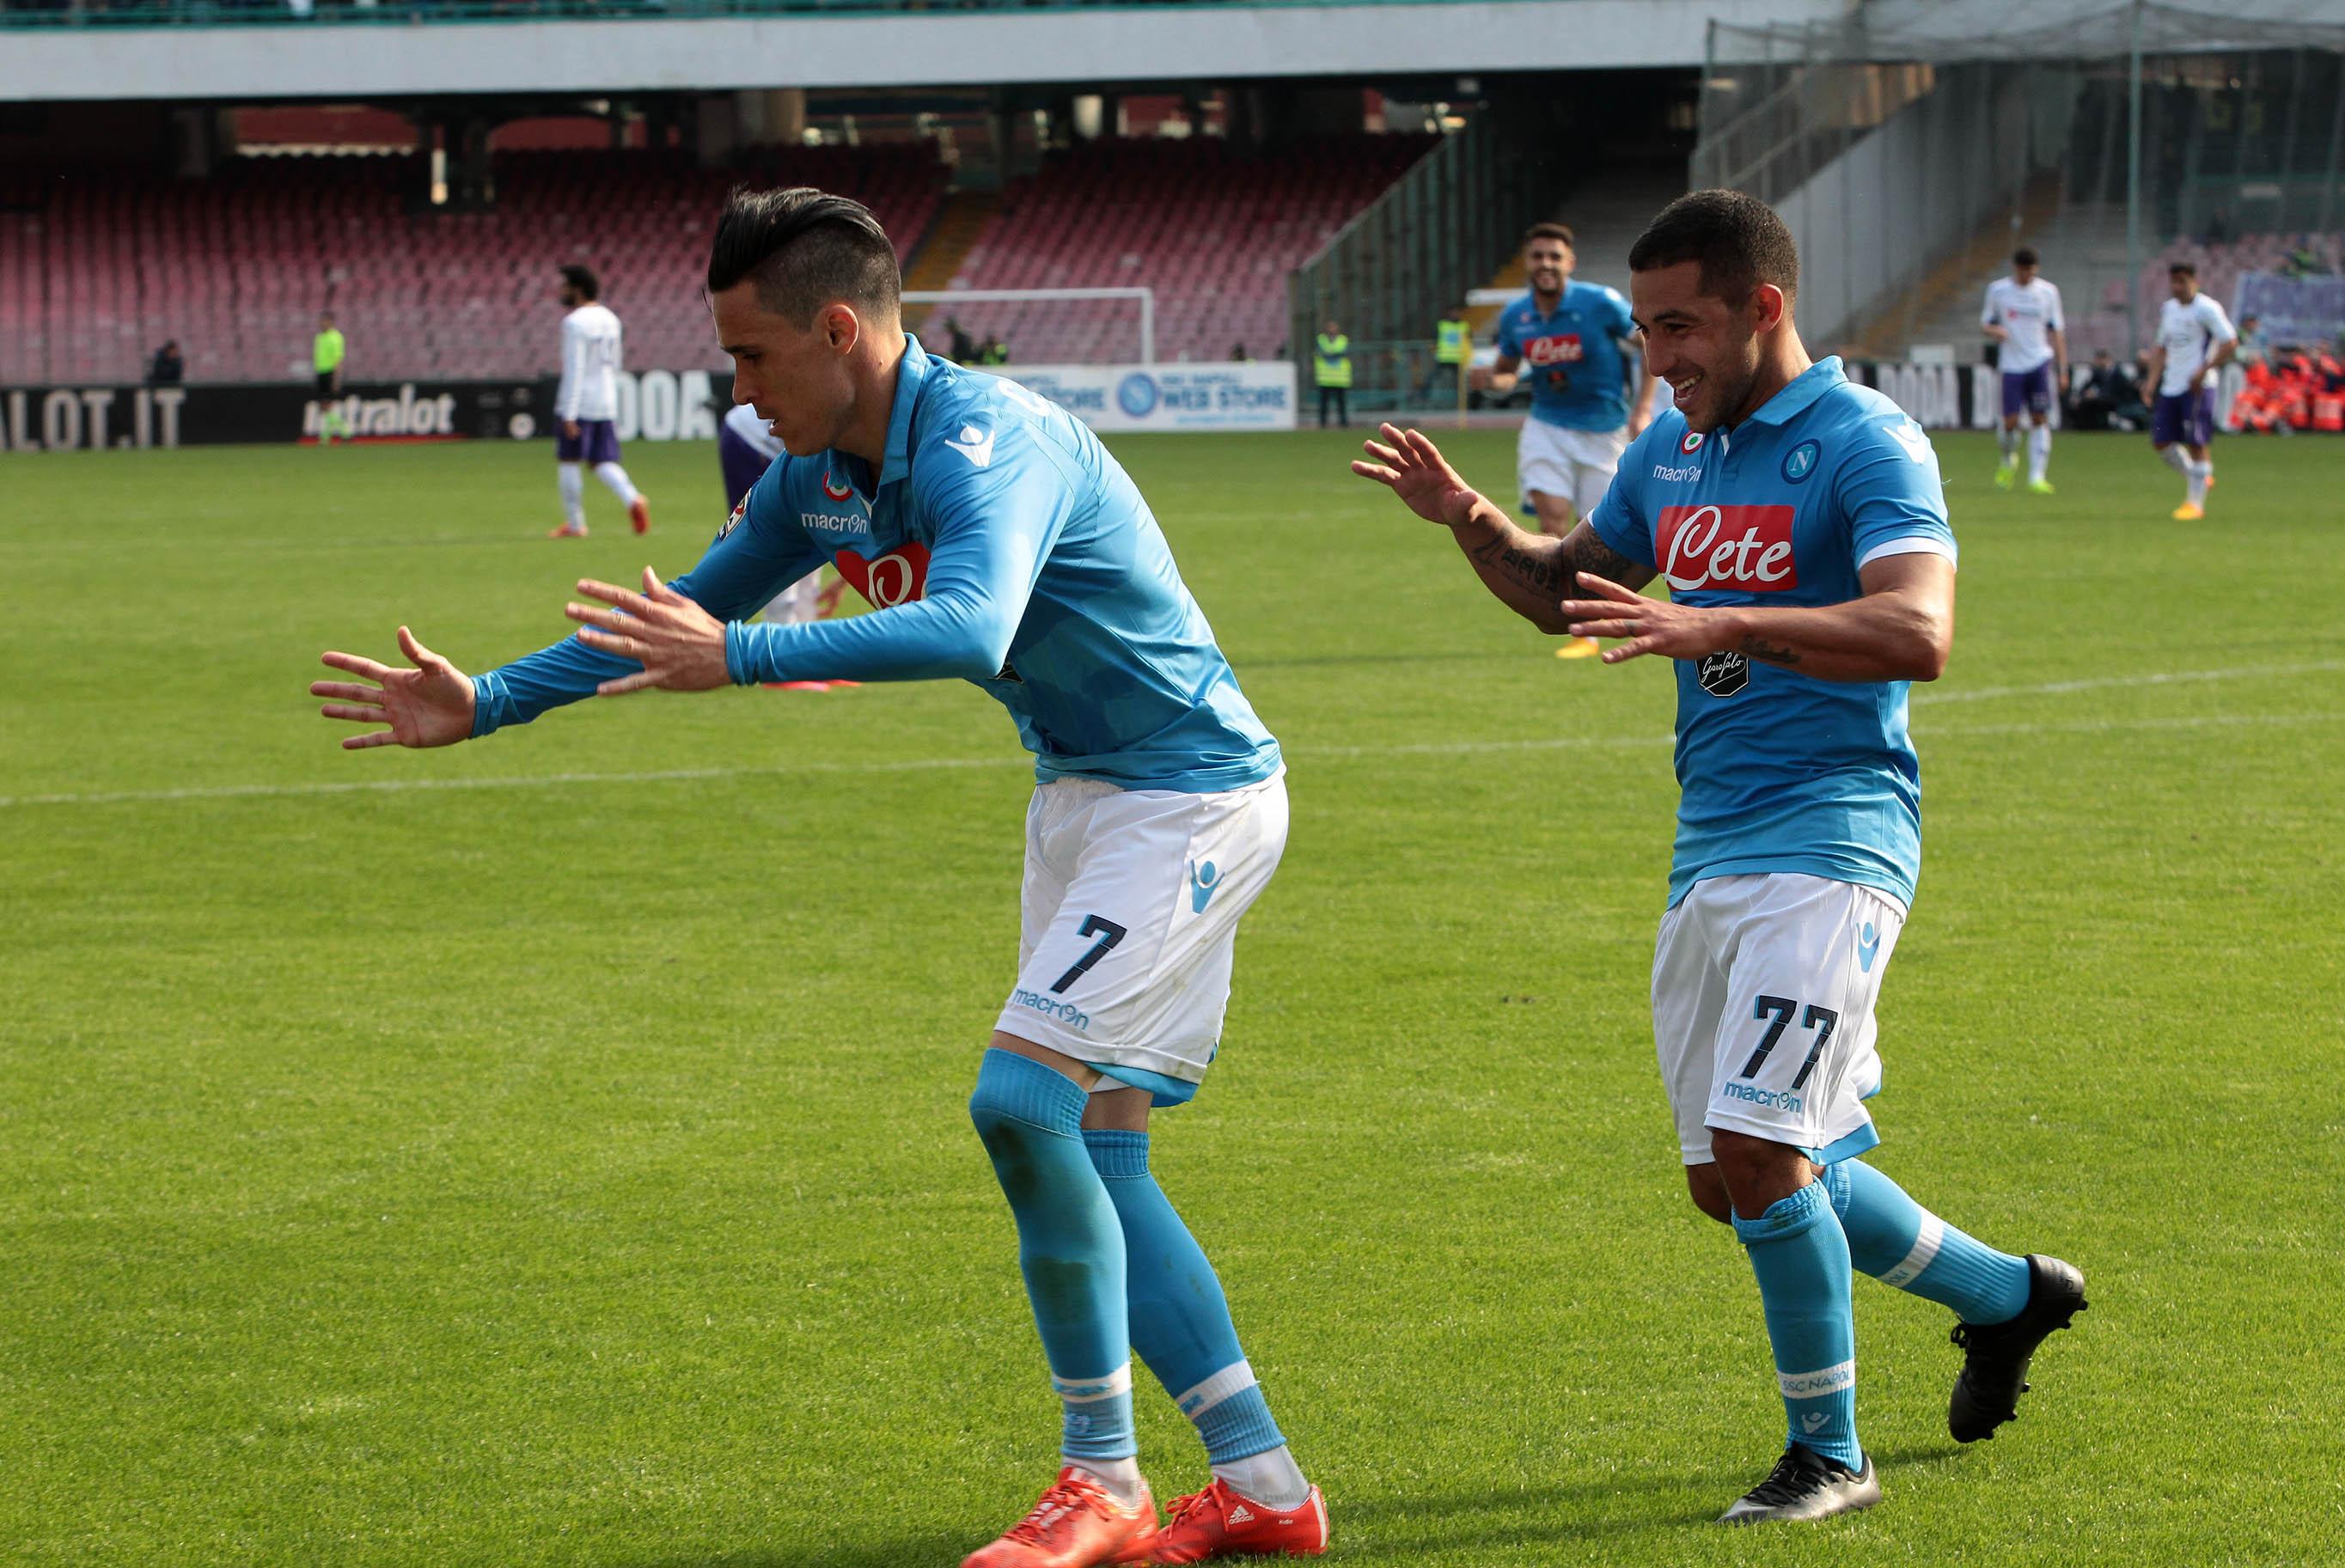 Mertens Hamsik Callejon, gli azzurri battono e sorpassano i viola (Foto). Mercoledì in diretta streaming la conferenza stampa di De Laurentiis